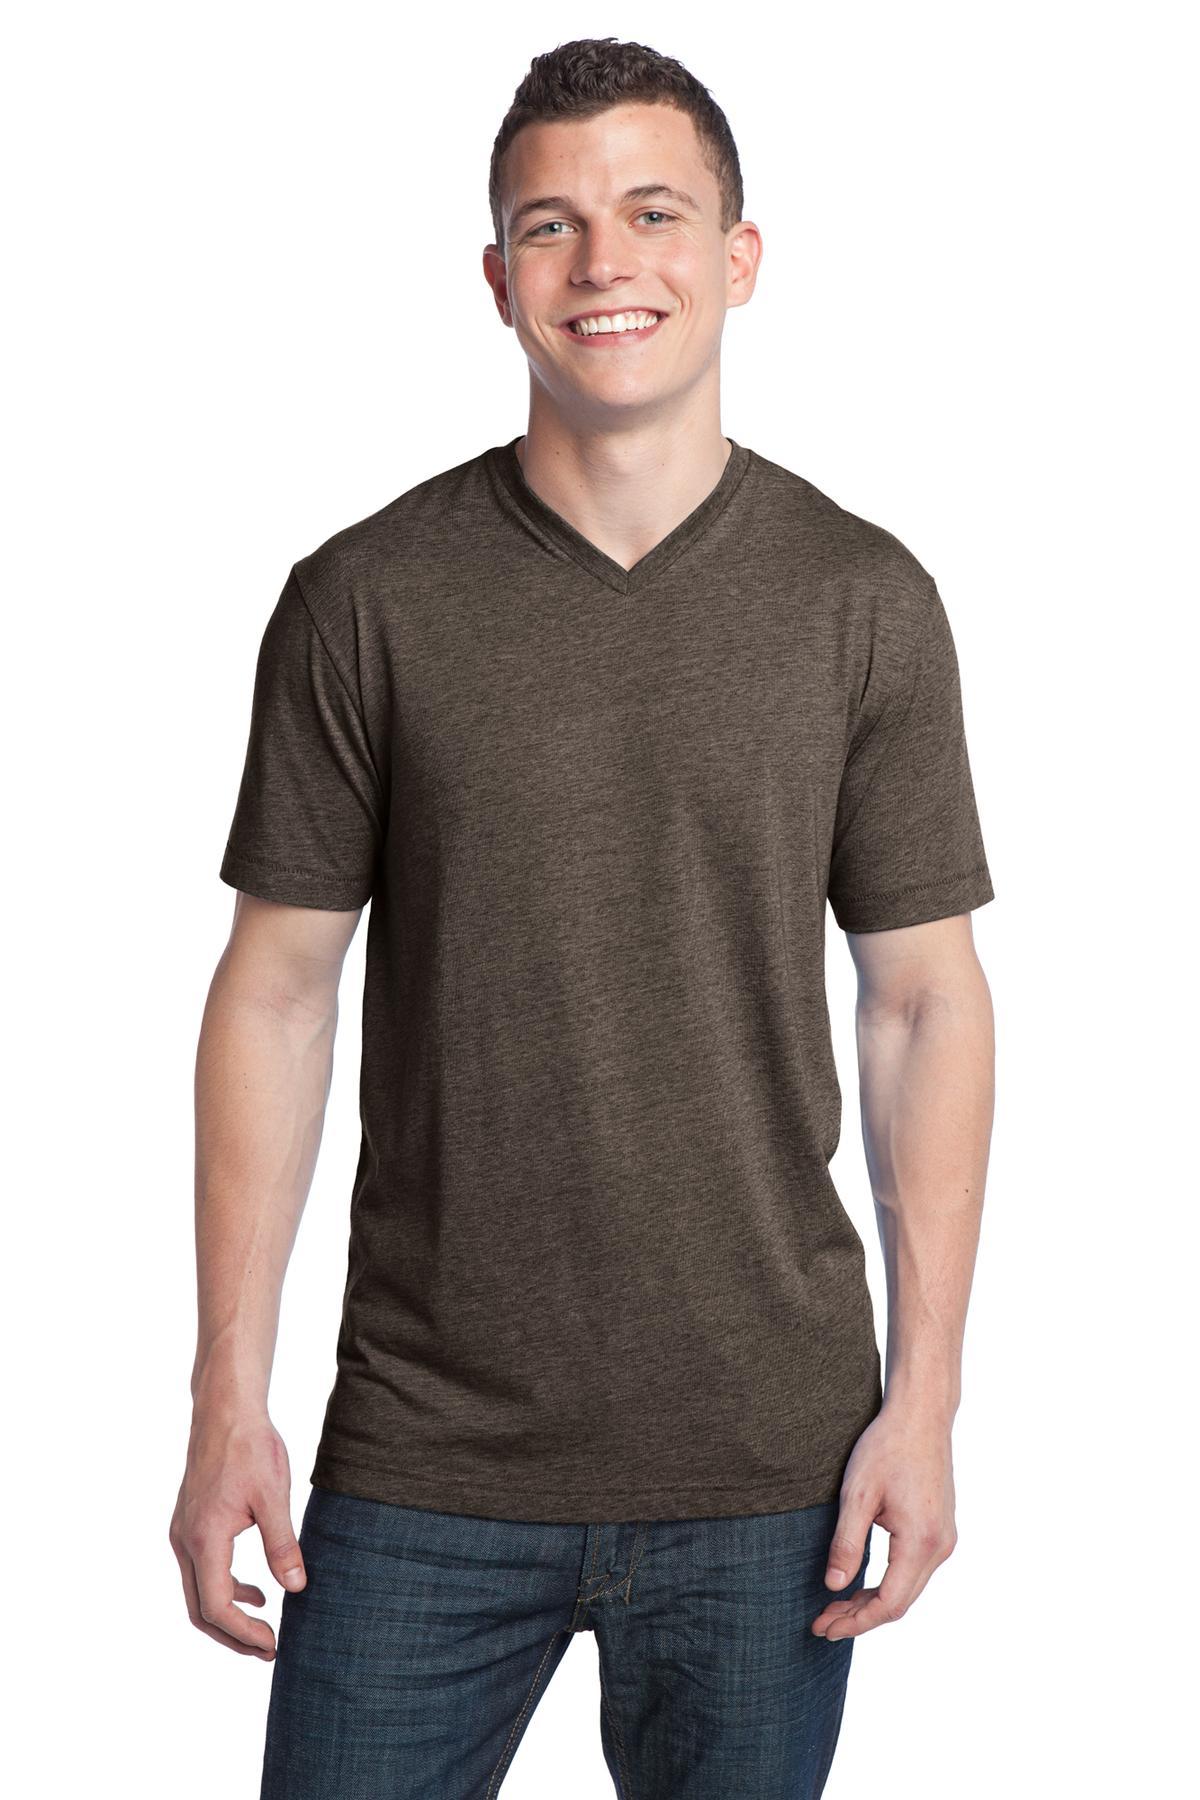 T-Shirts-Juniors-Young-Men-7